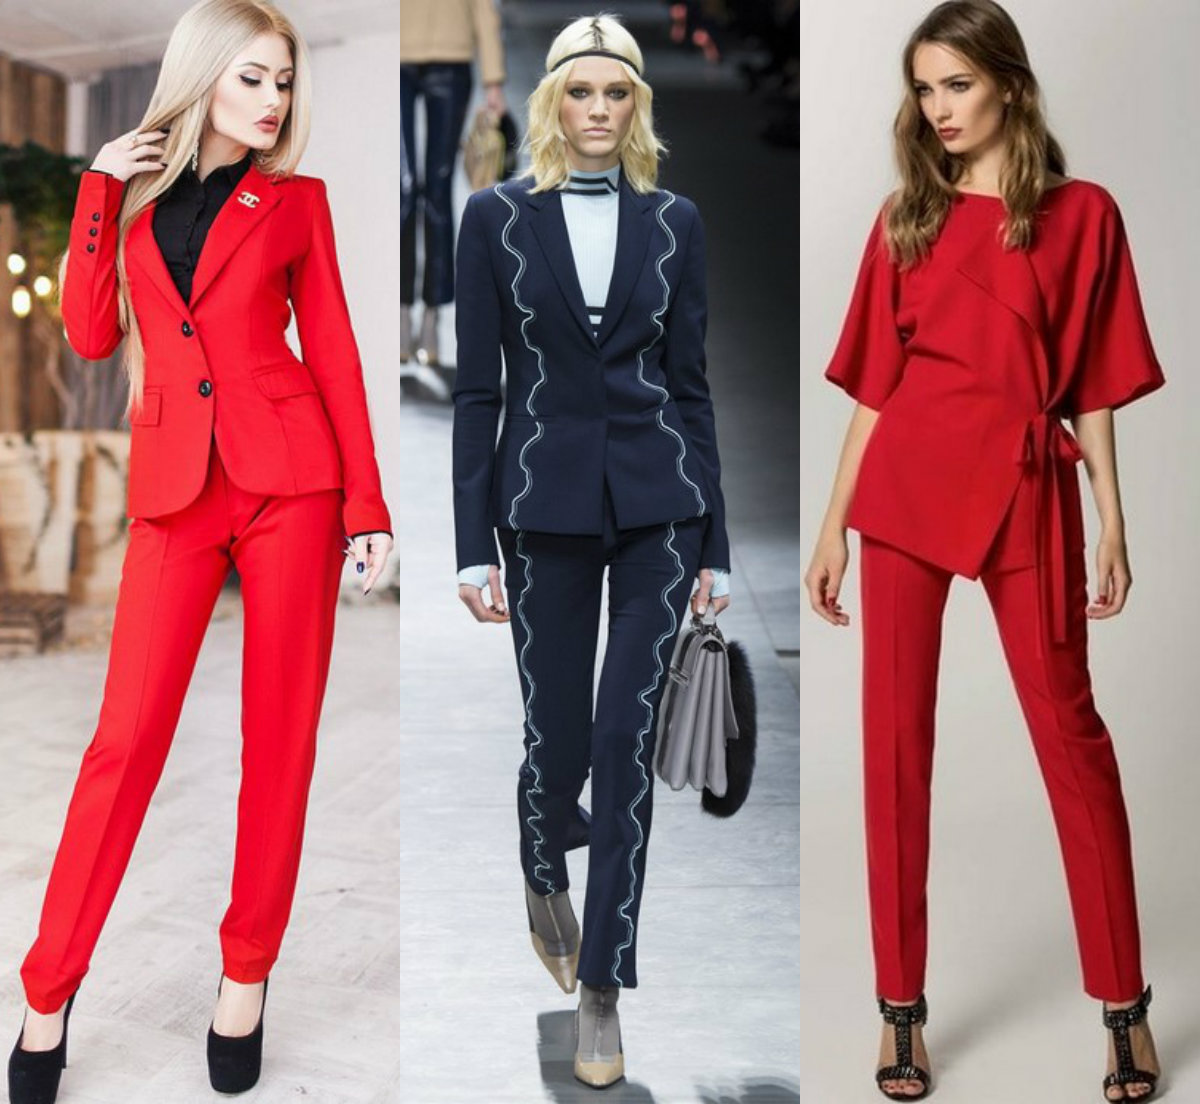 Женские костюмы 2018 : модели с необычным кроем